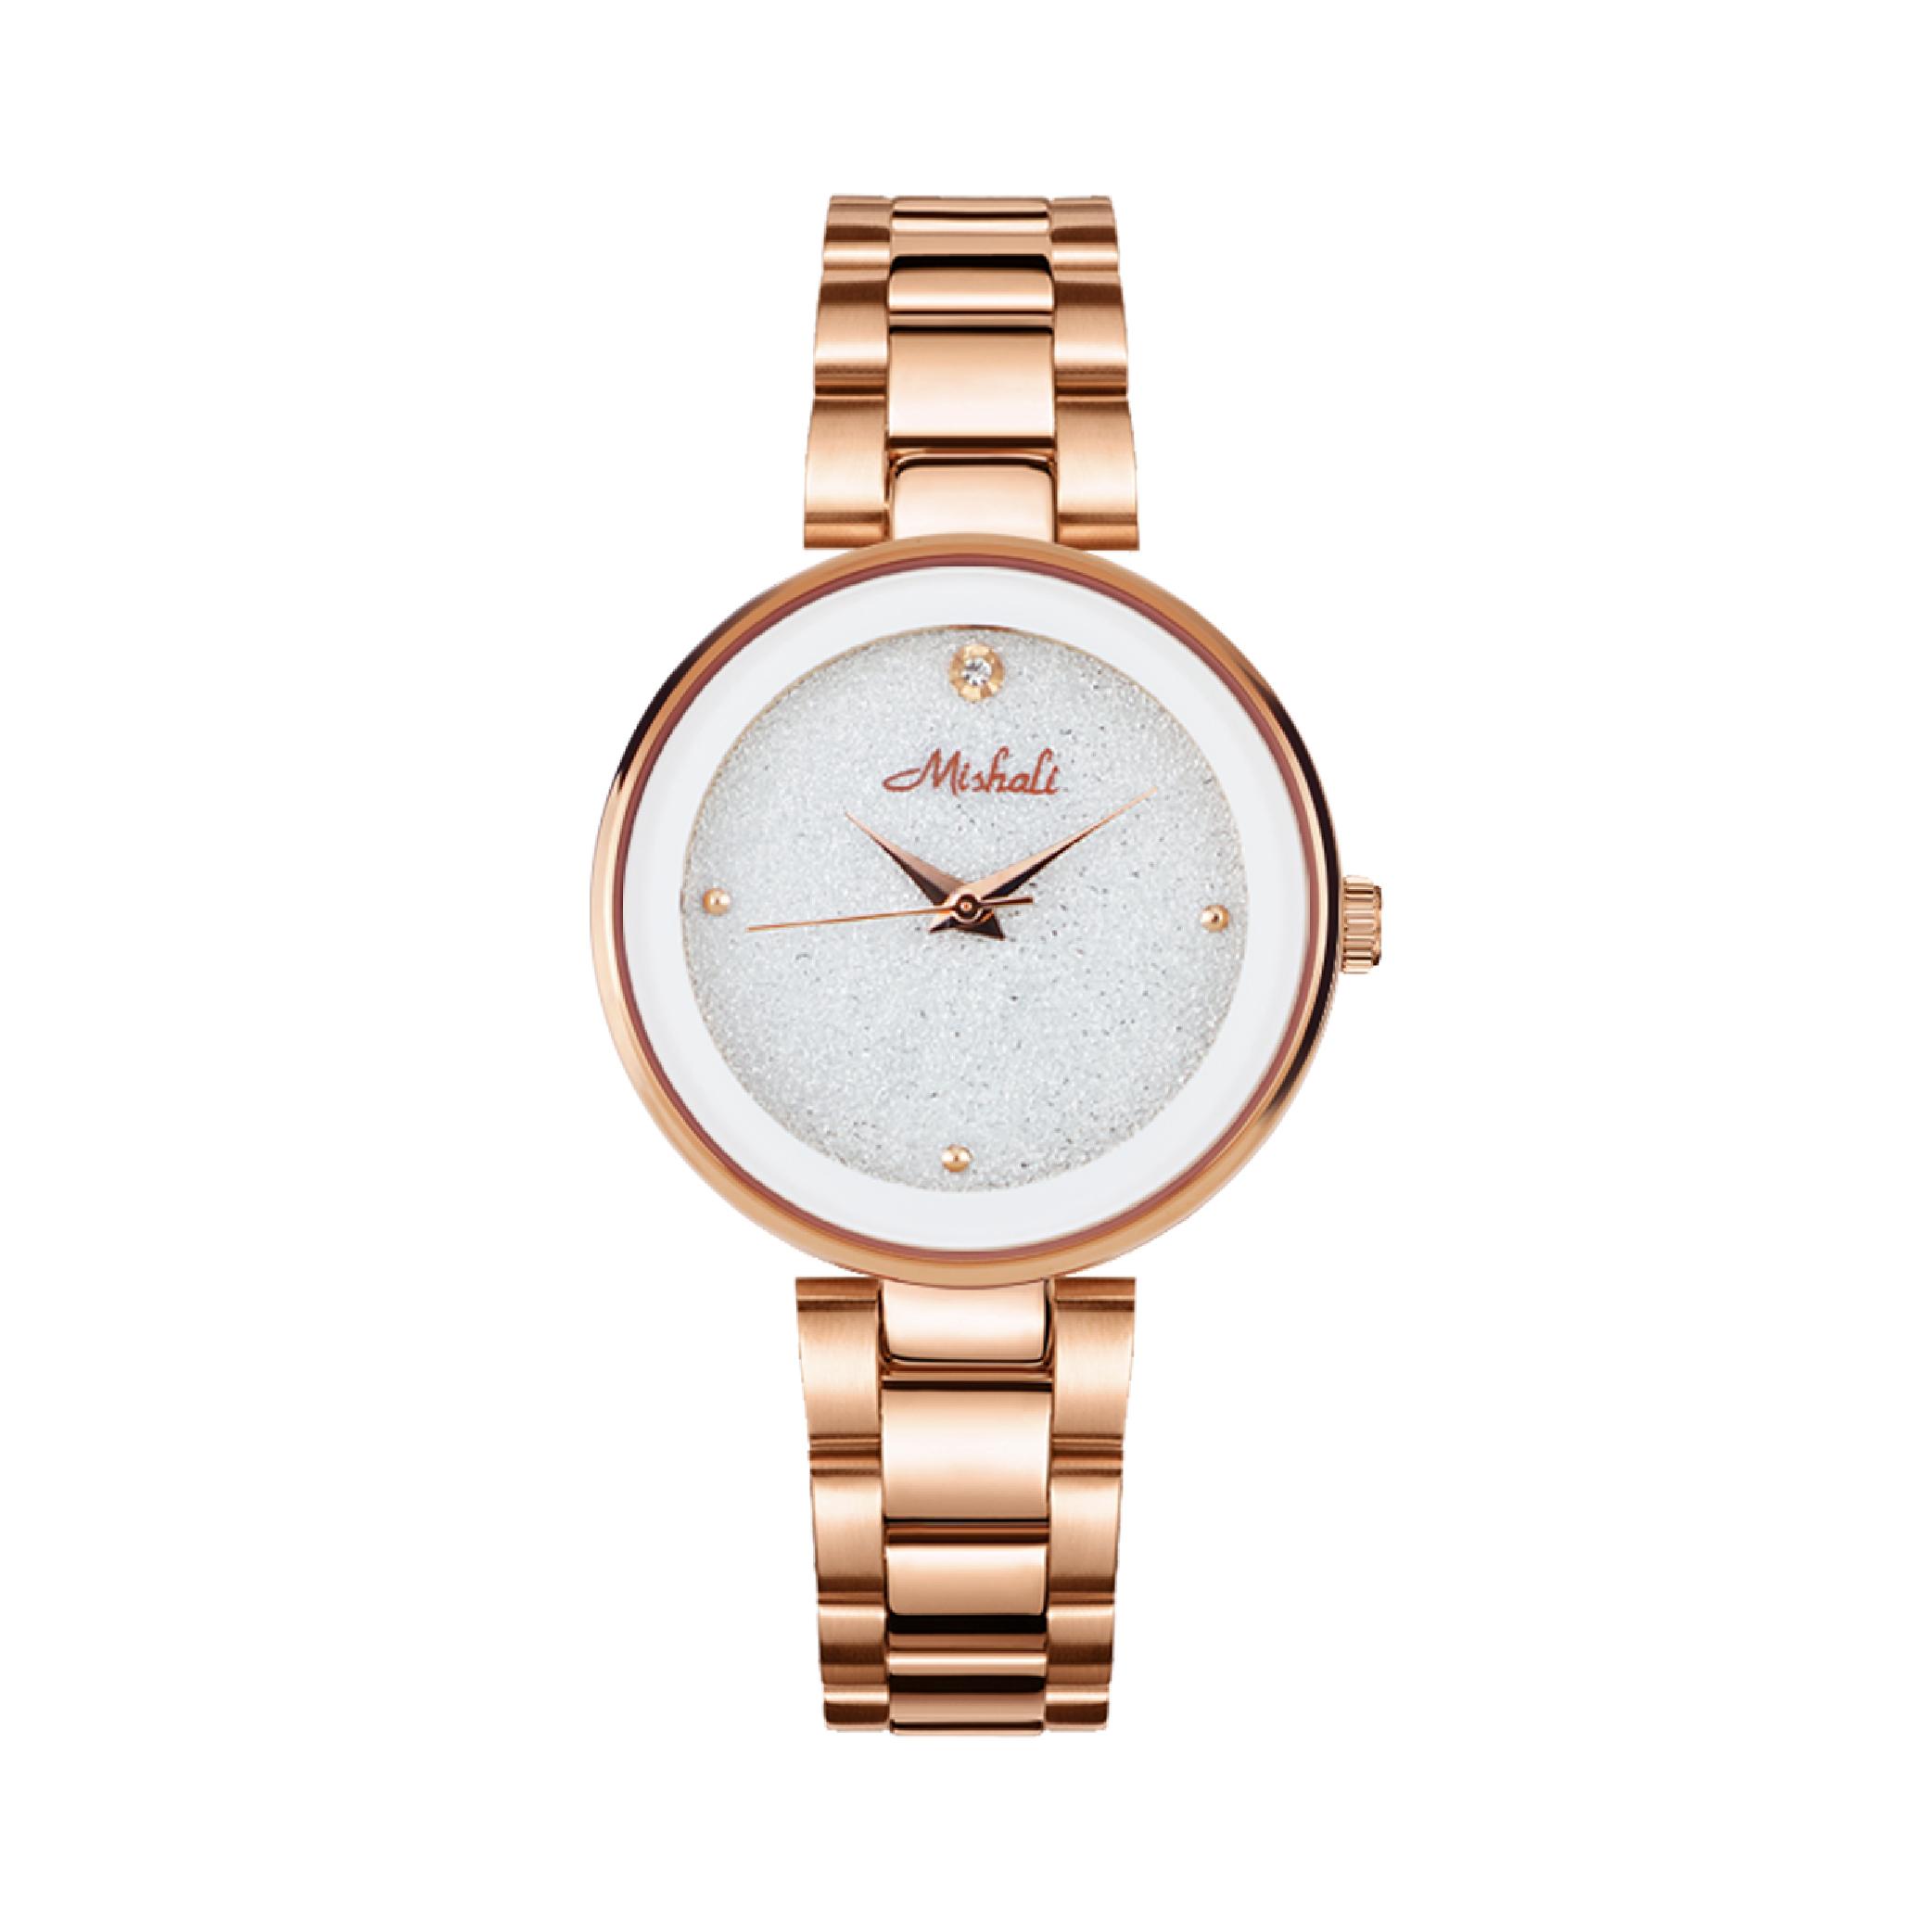 นาฬิกาข้อมือผู้หญิง MISHALI M18005 A